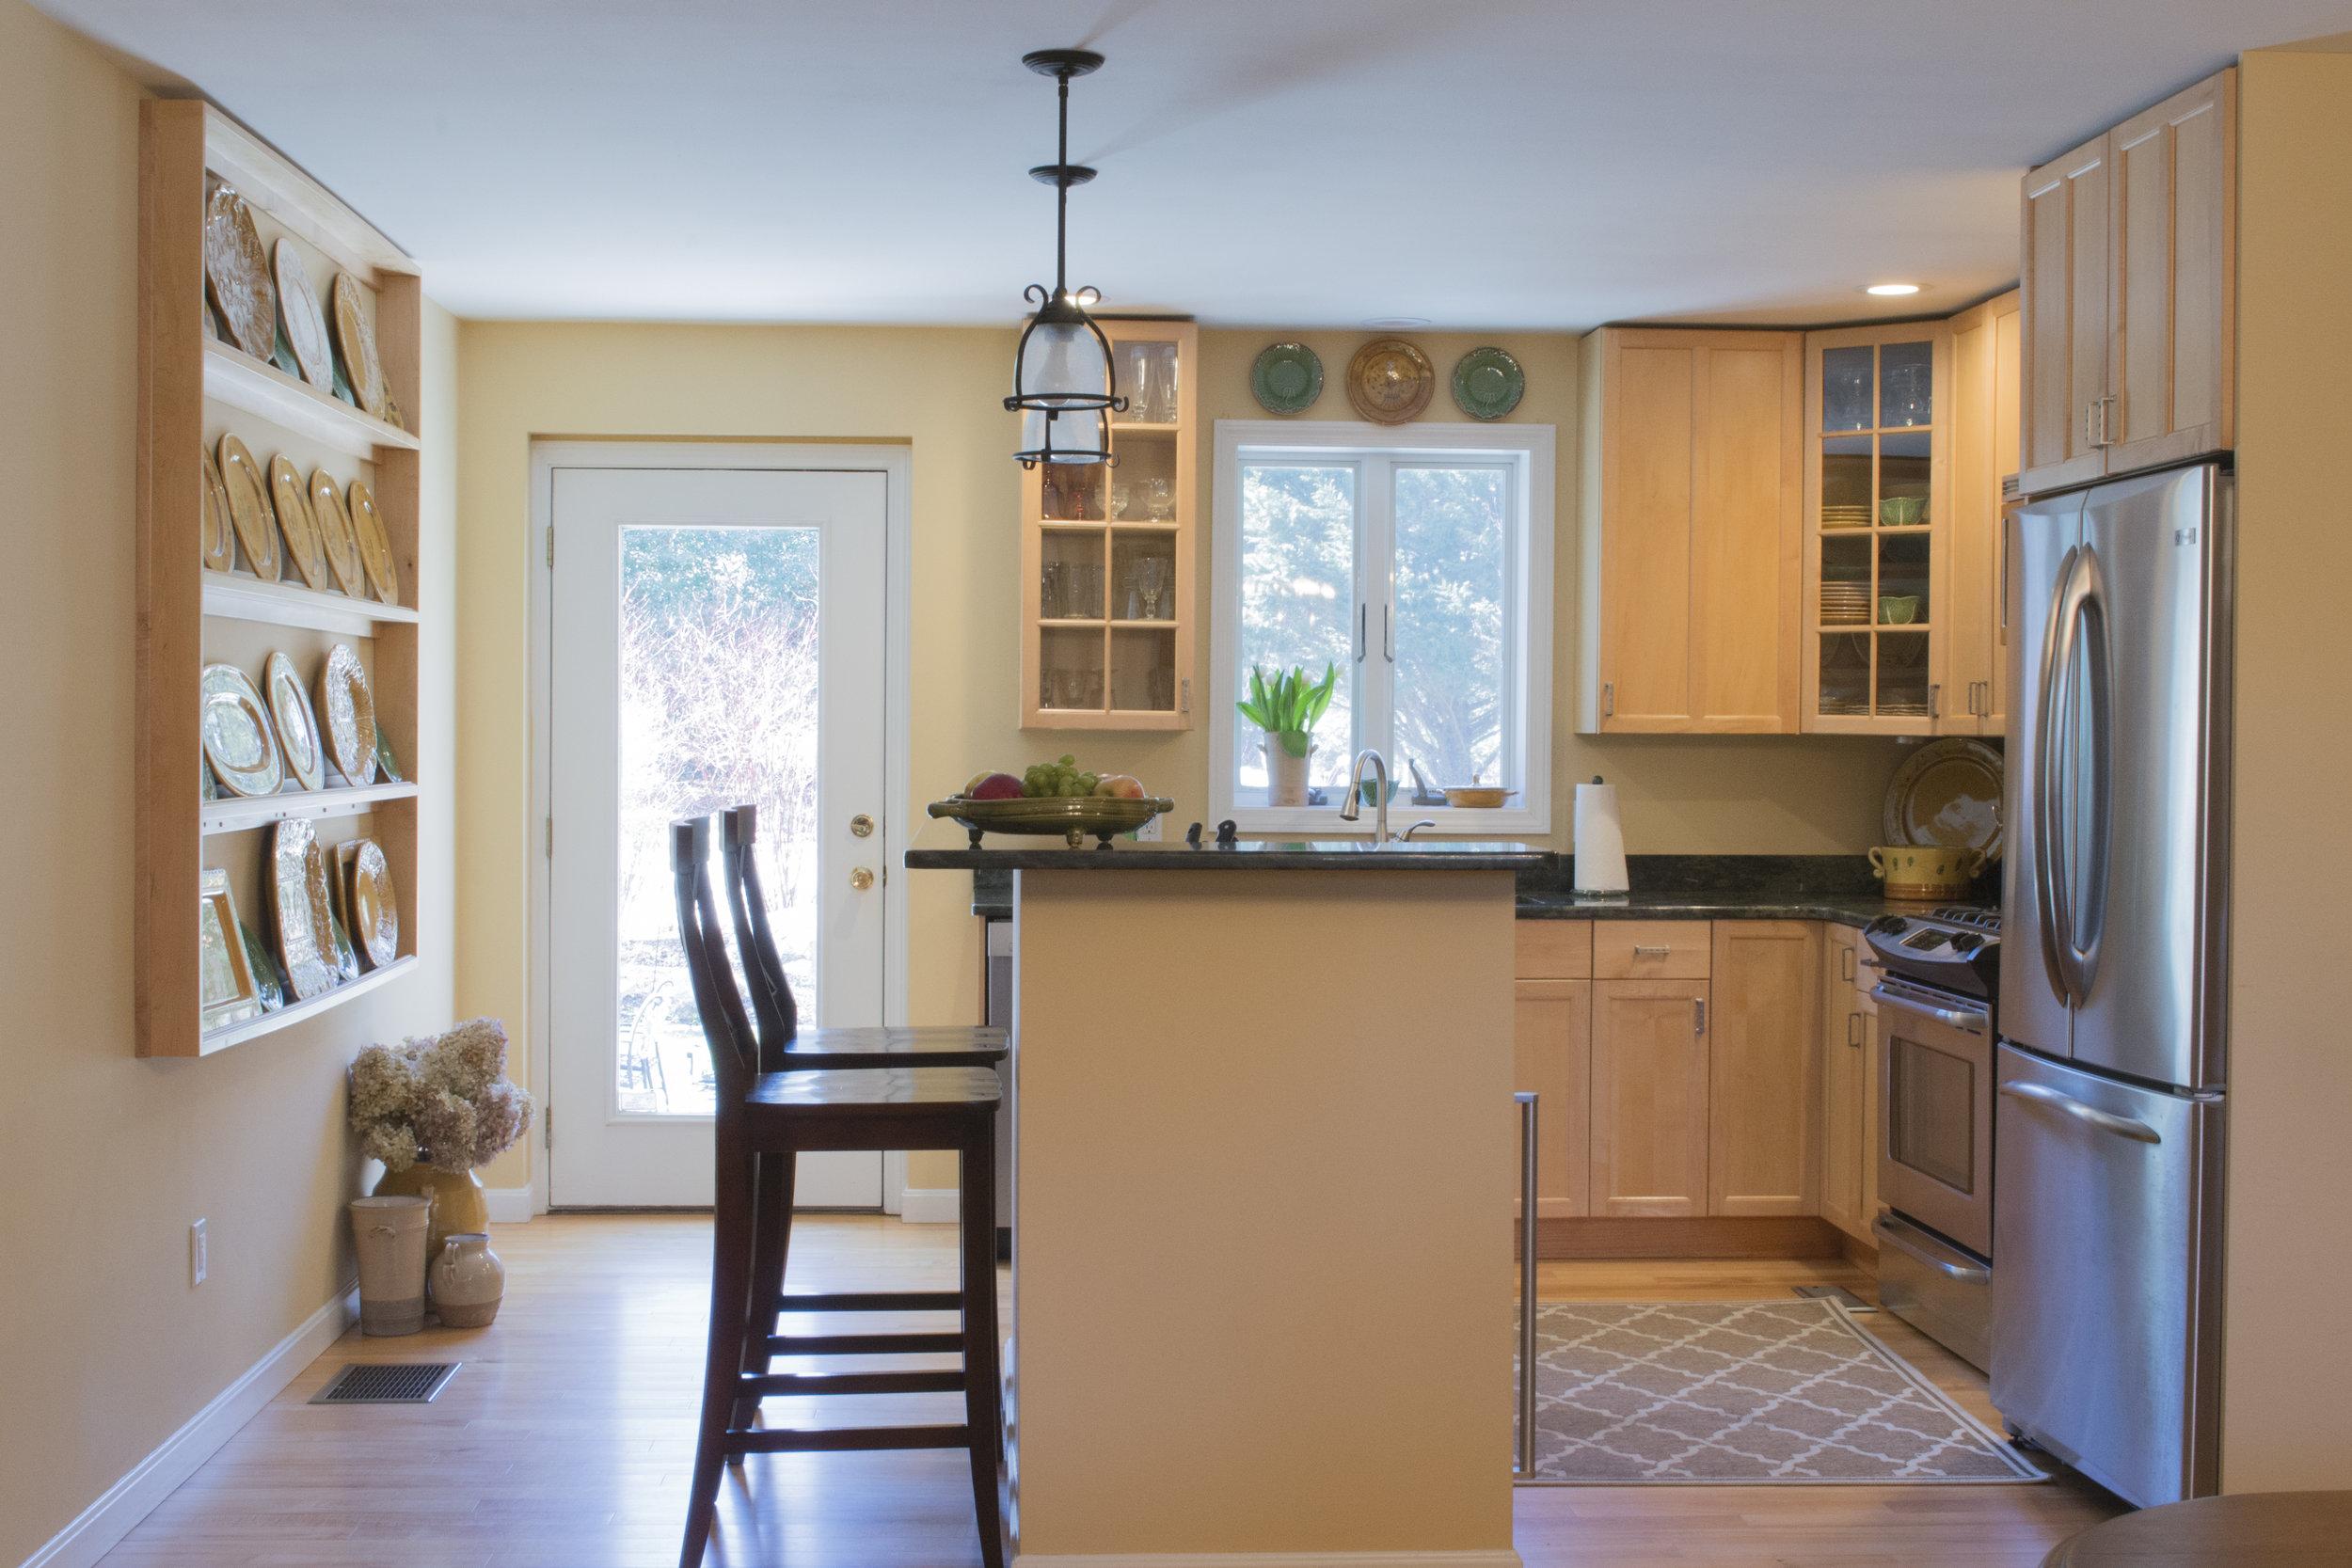 U_kitchen_view2.jpg